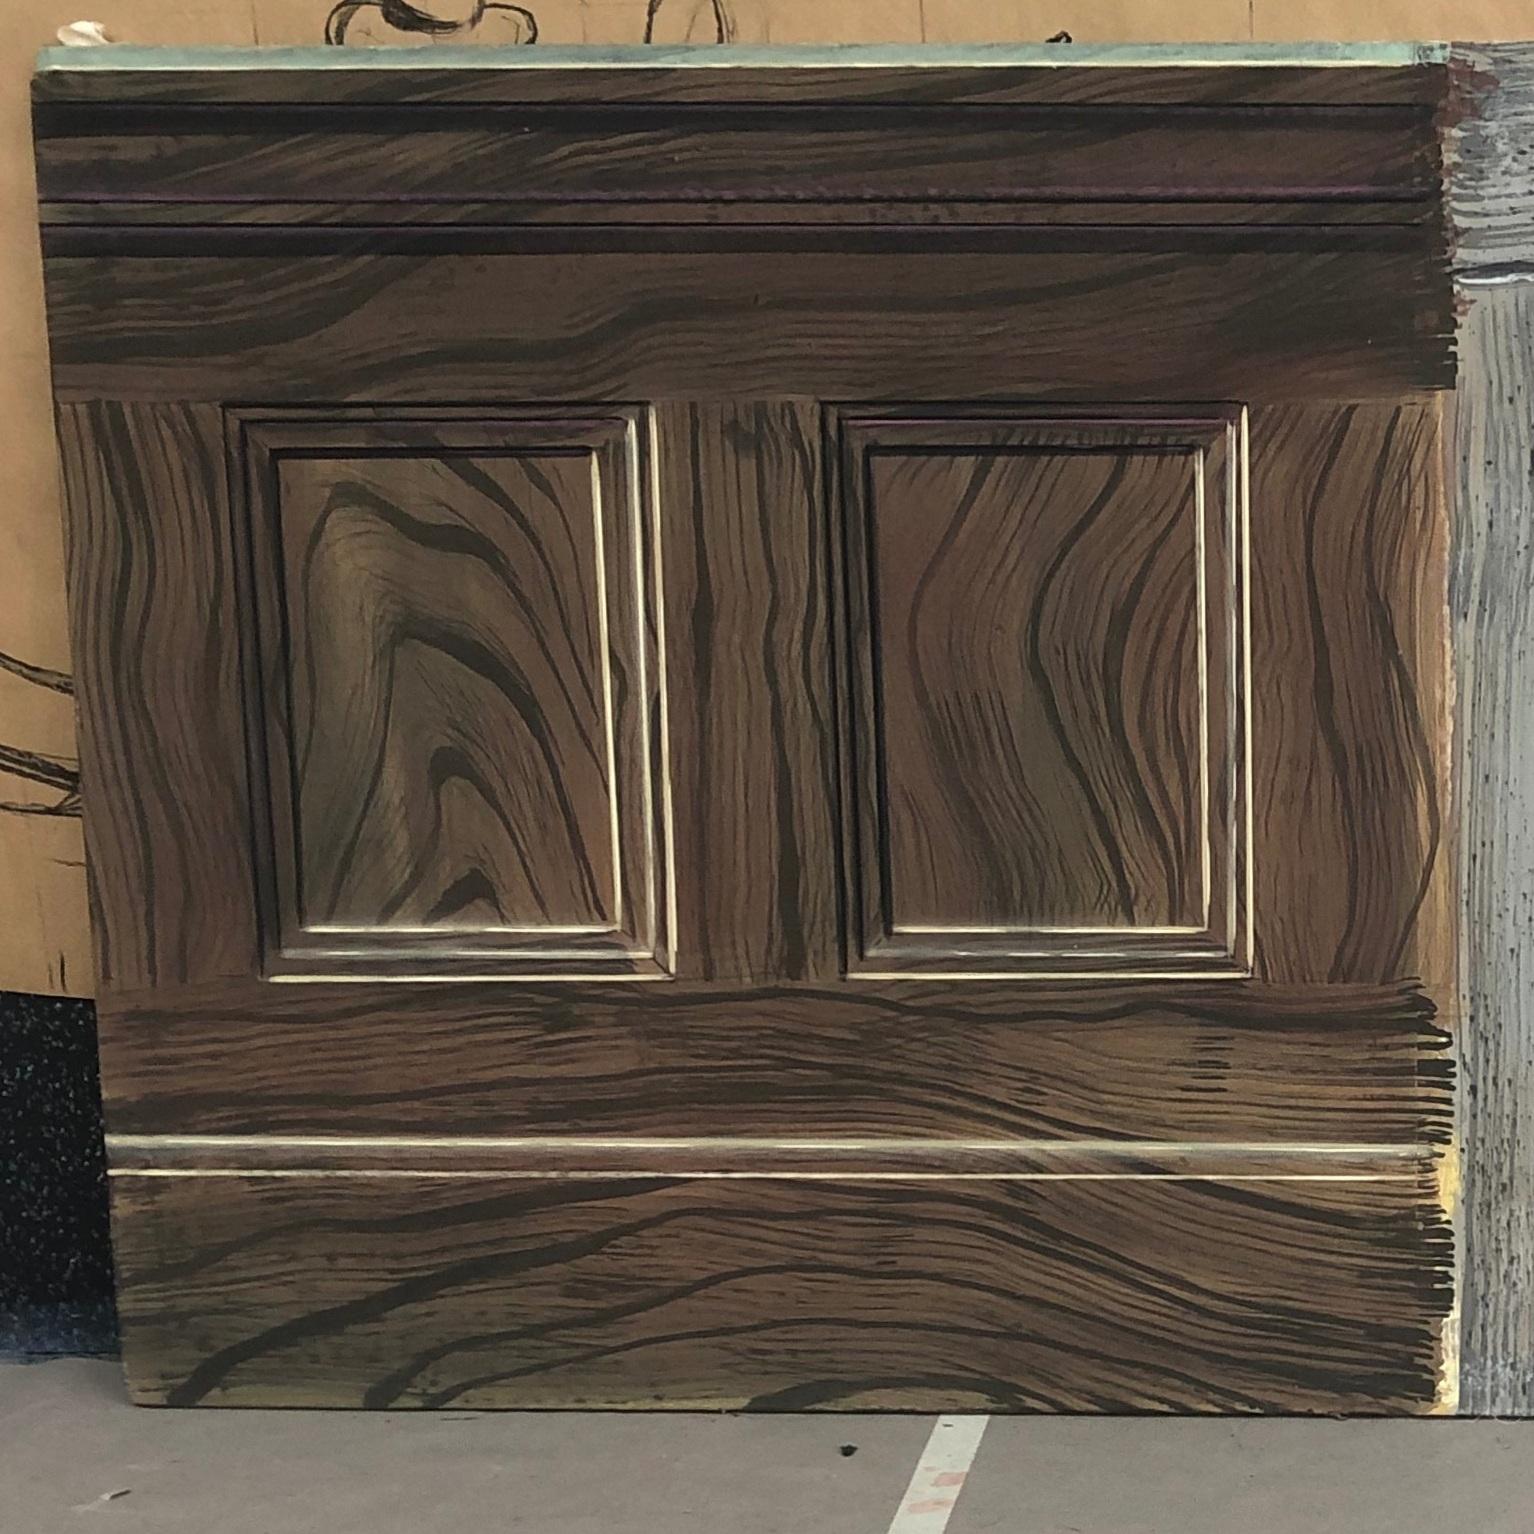 Finished Wood Study